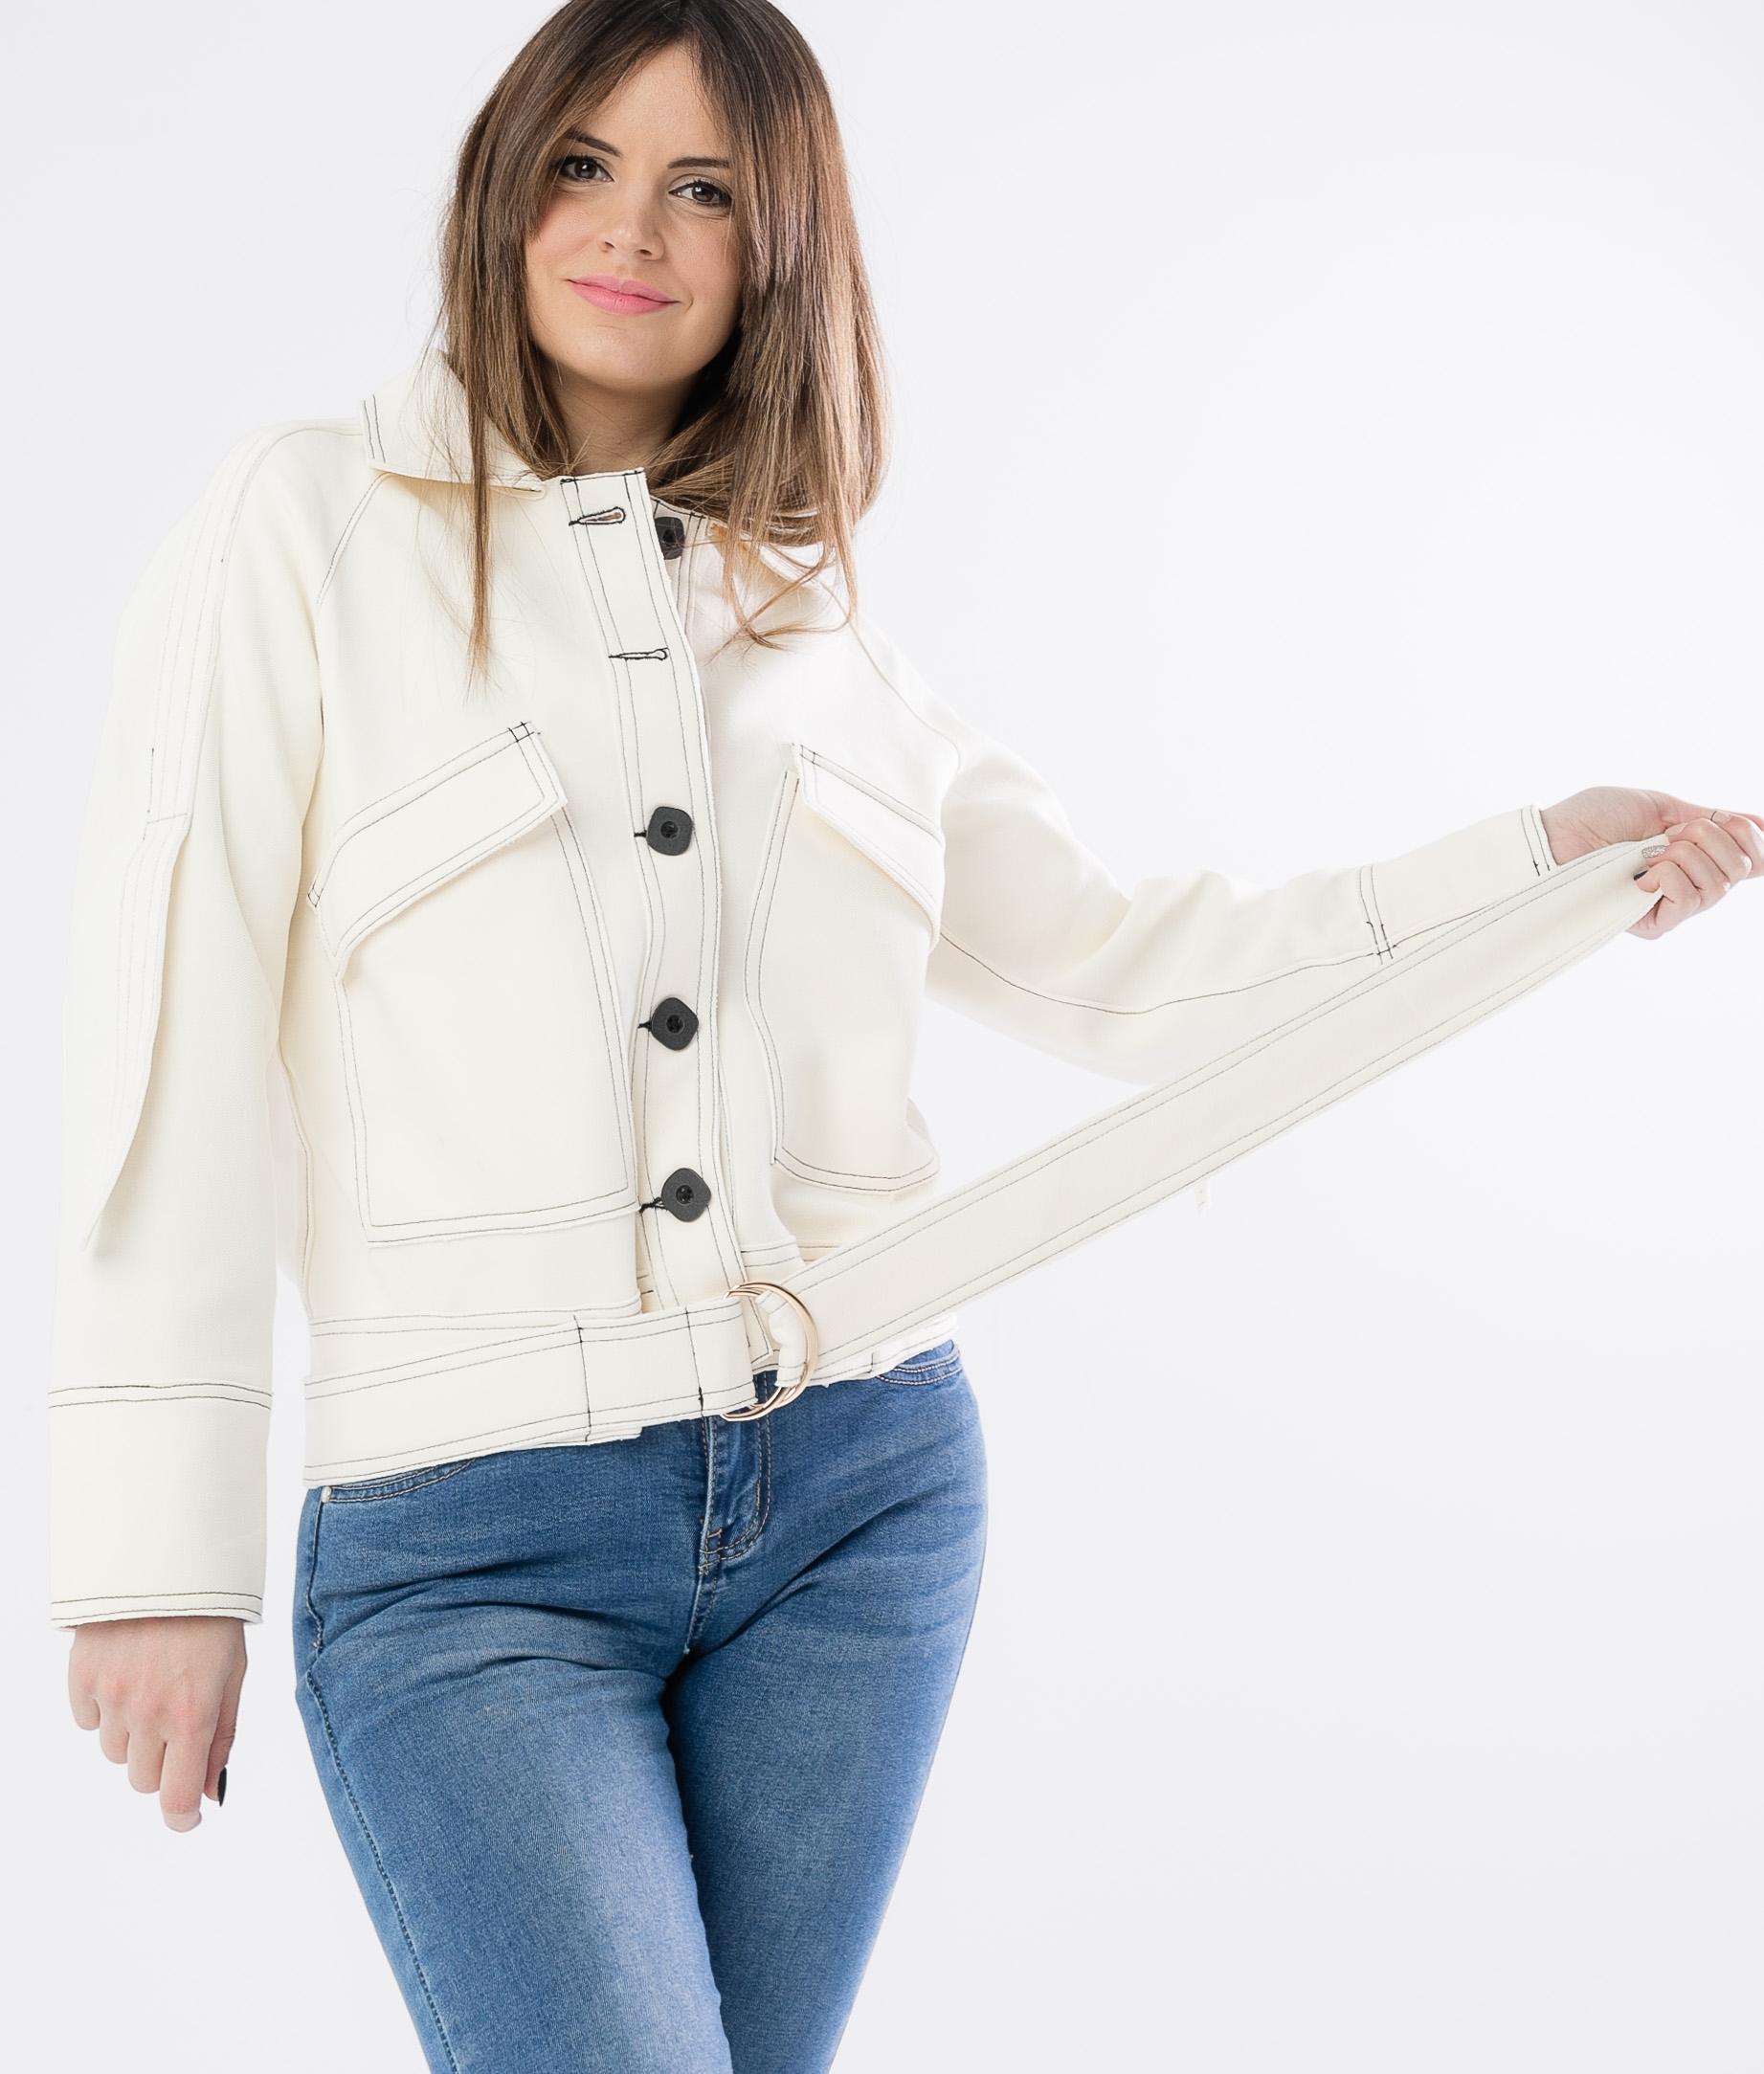 Giacca Xinler - Bianco